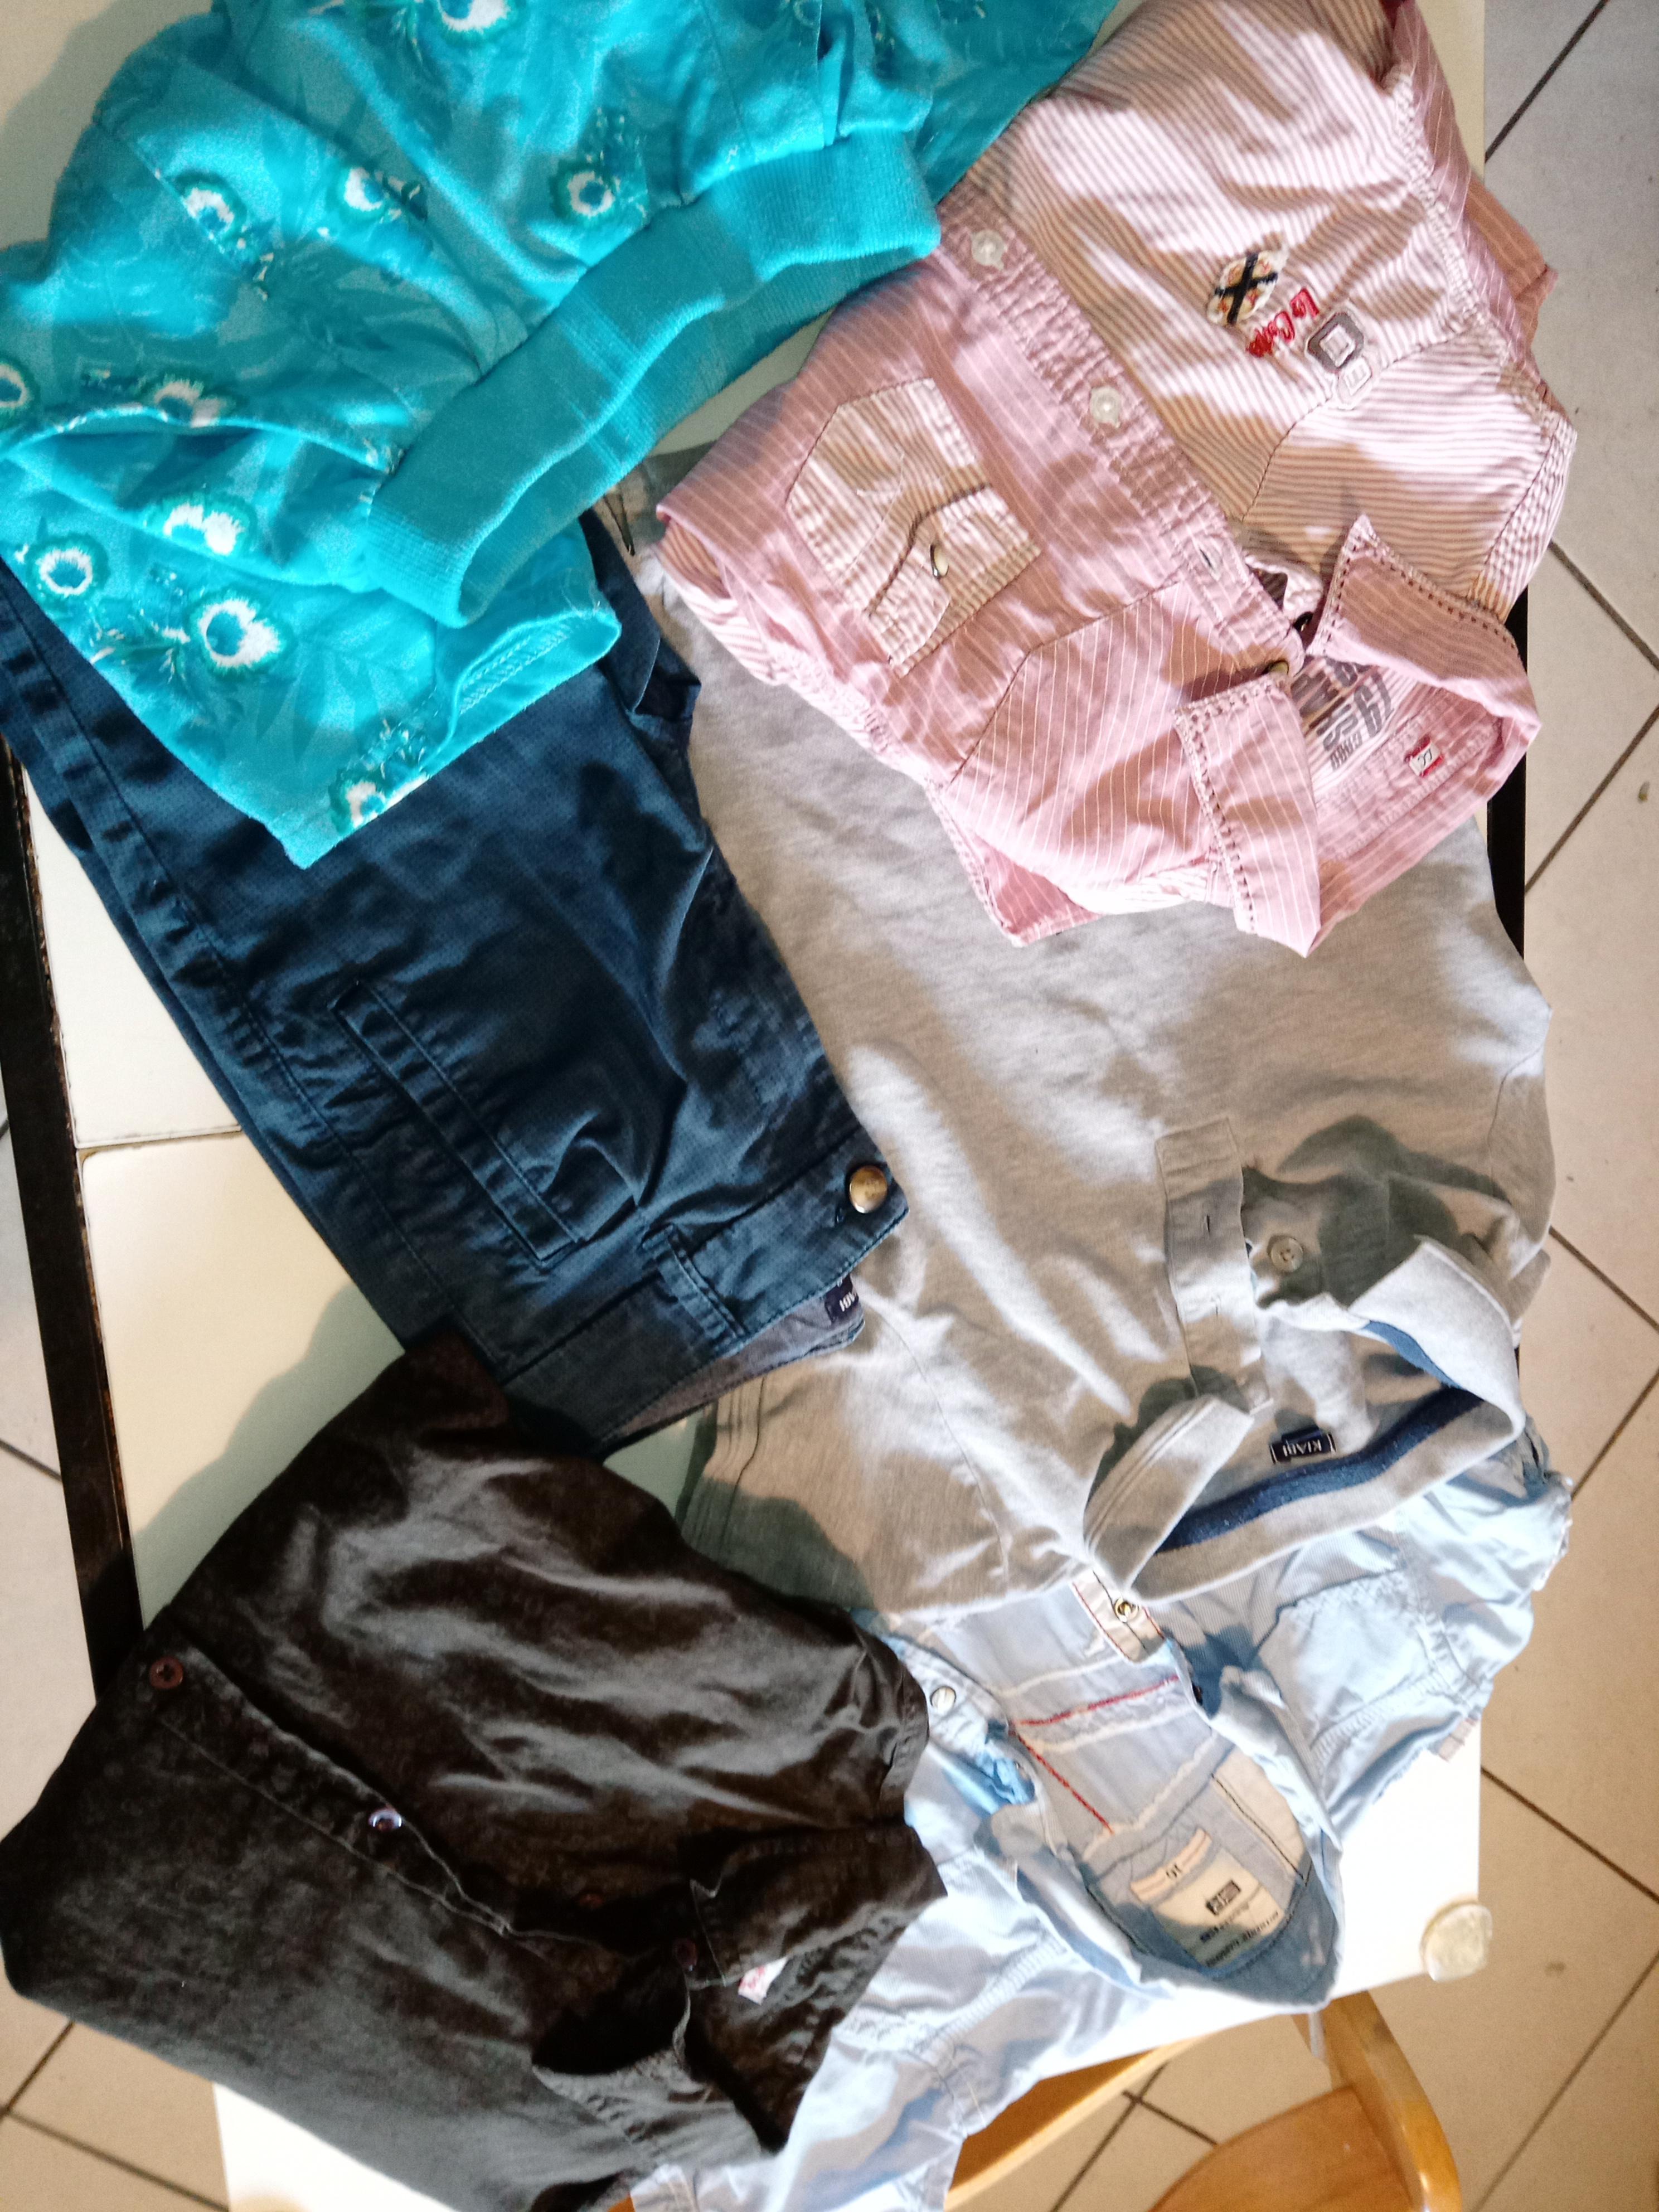 troc de troc lot de vêtements 10 ans *dispo image 0